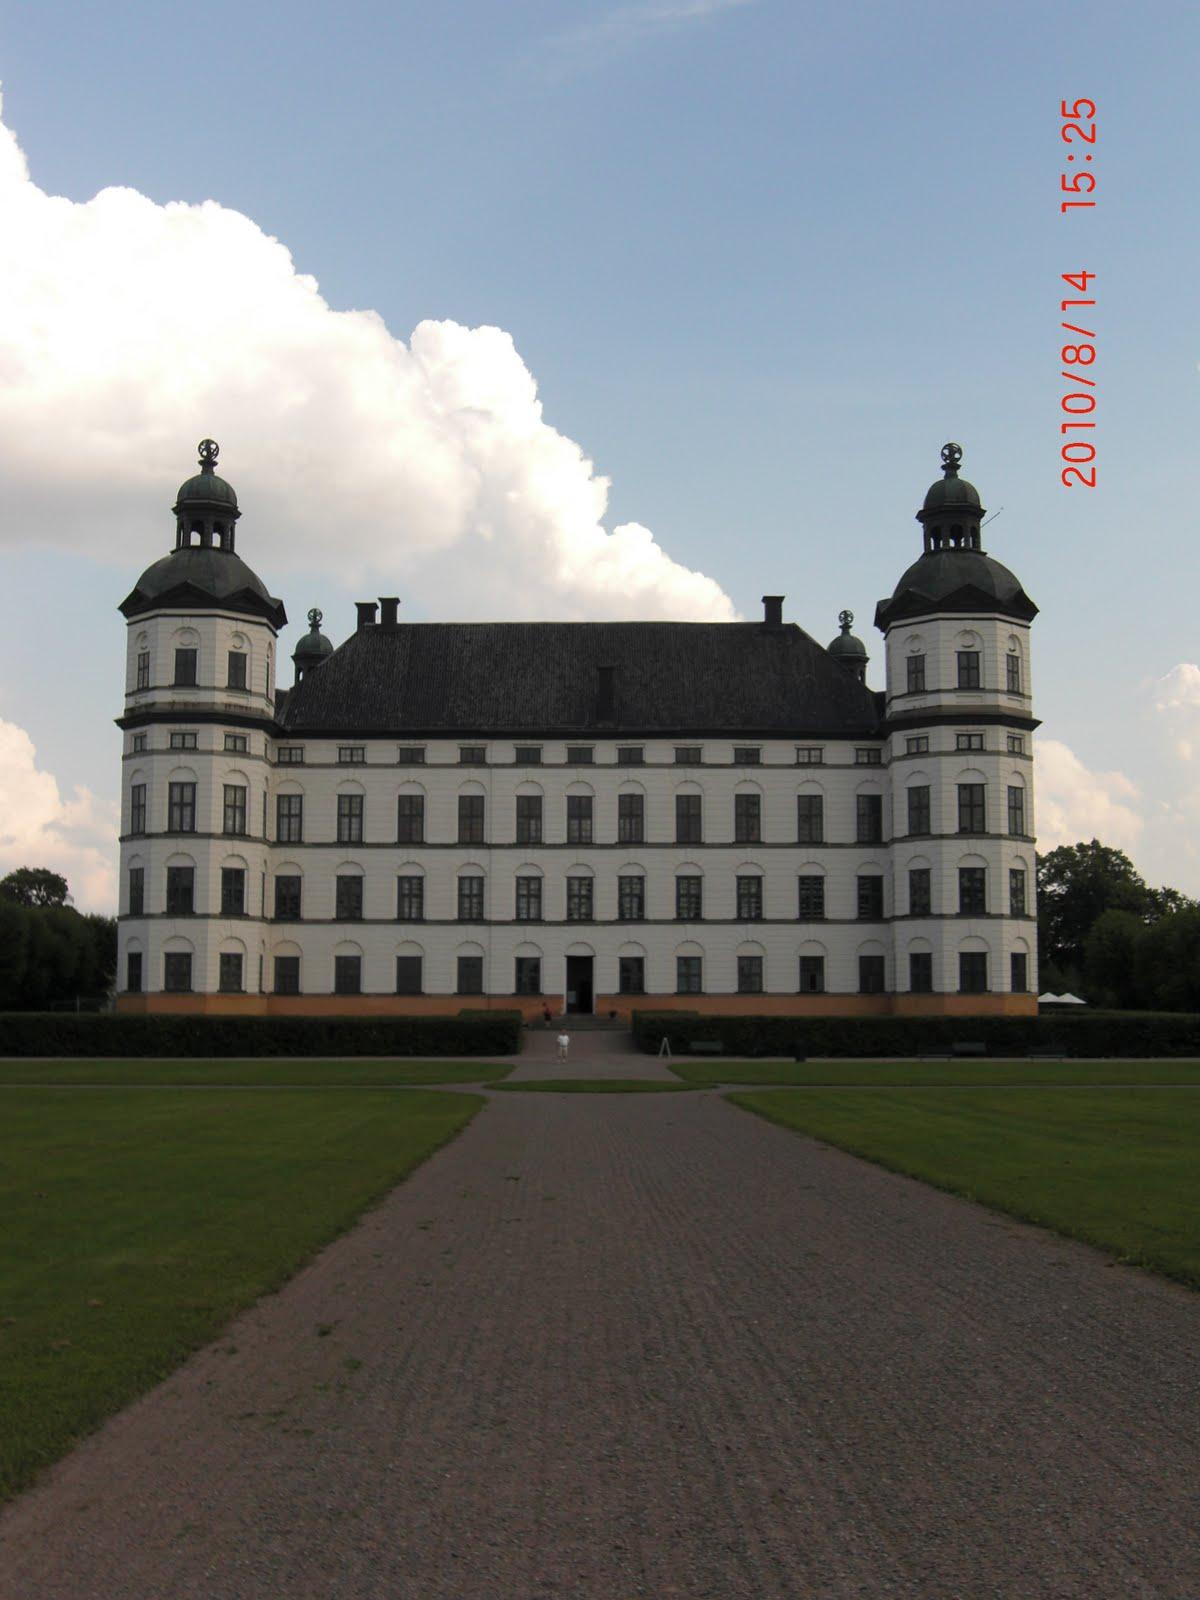 fredriks betraktelser.: skoklosters slott är sveriges mest